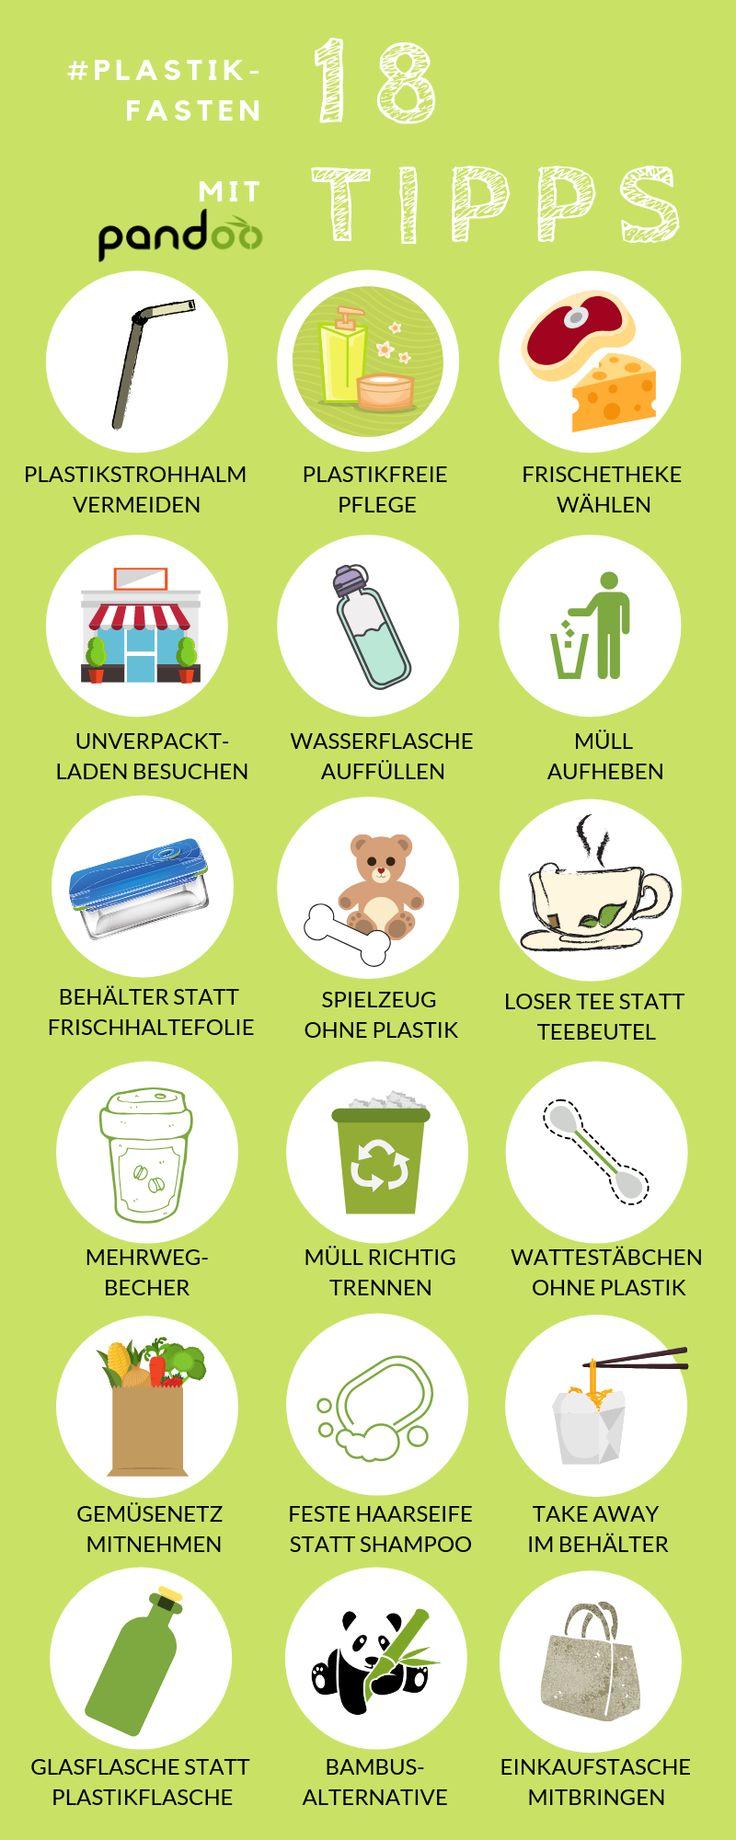 #plastikfasten leicht gemacht mit den 18 Tipps von pandoo